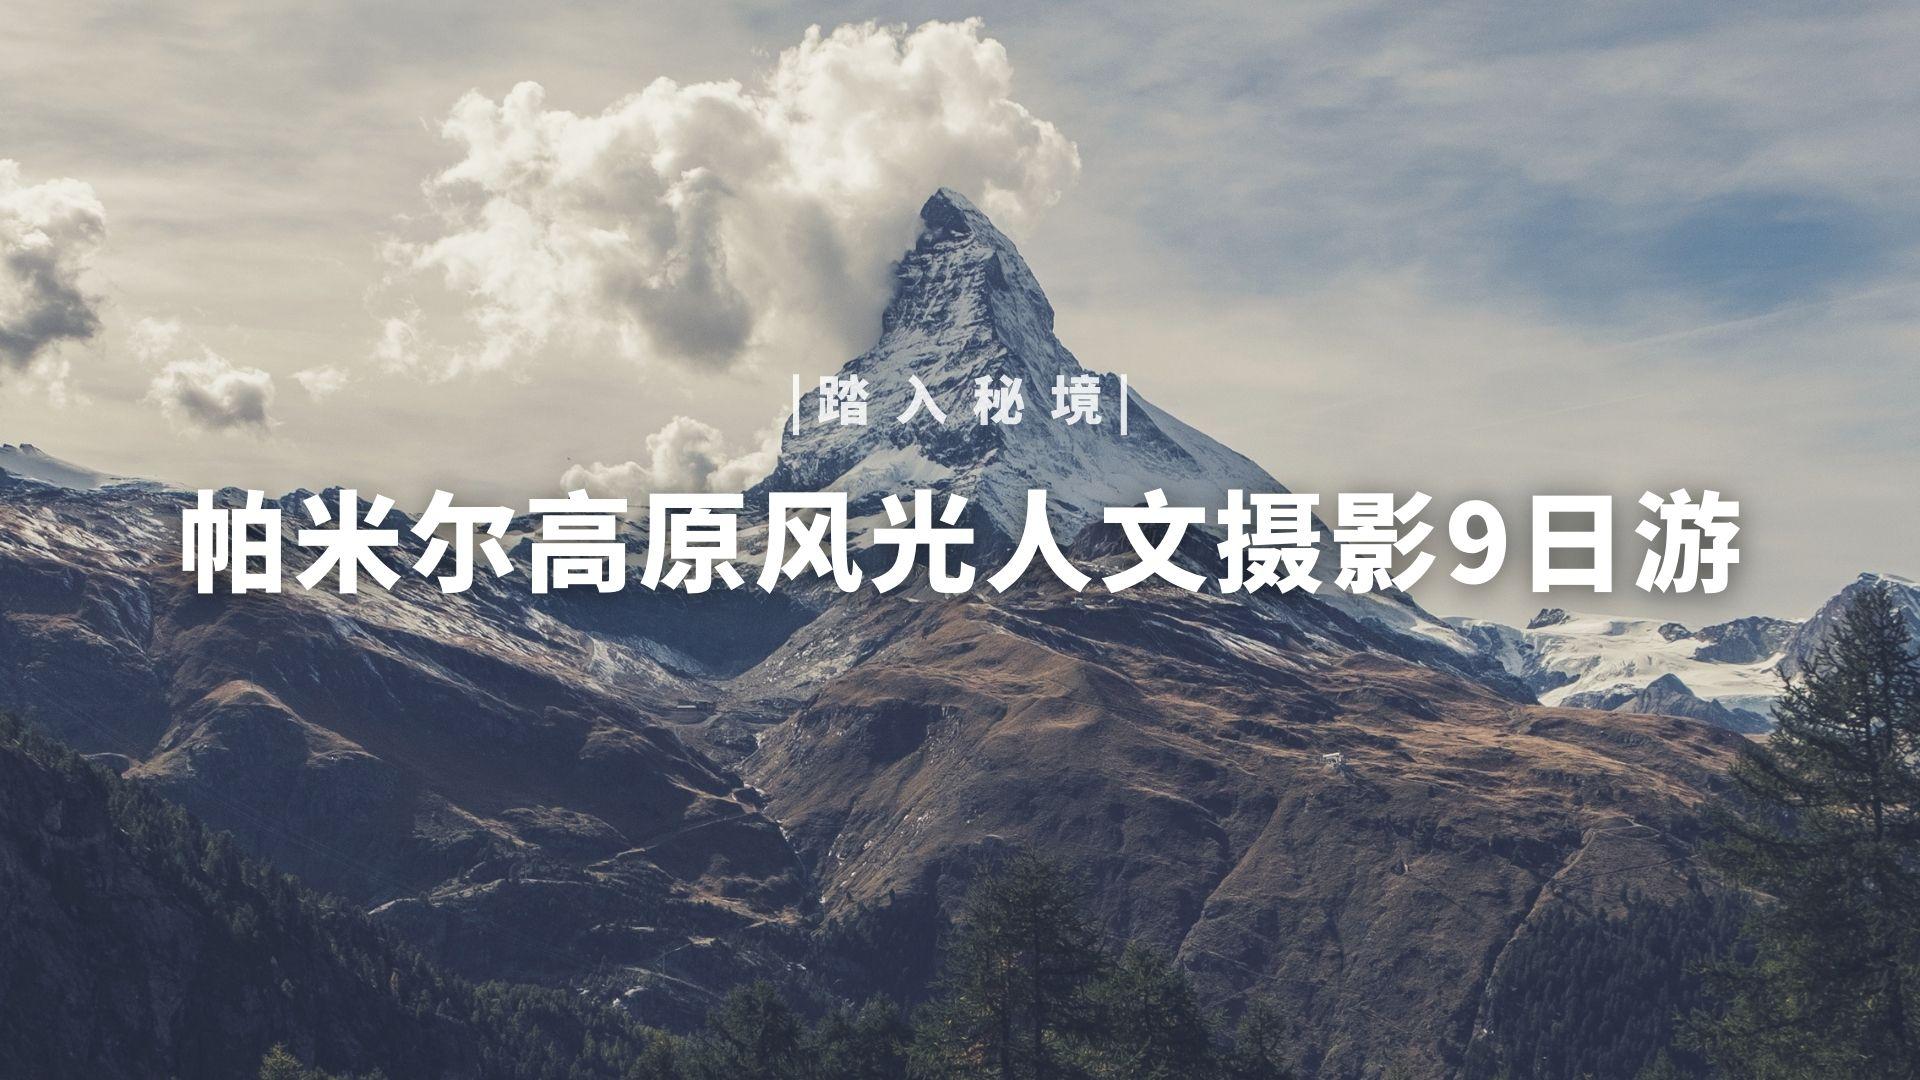 踏入秘境,帕米尔高原风光人文摄影9日游